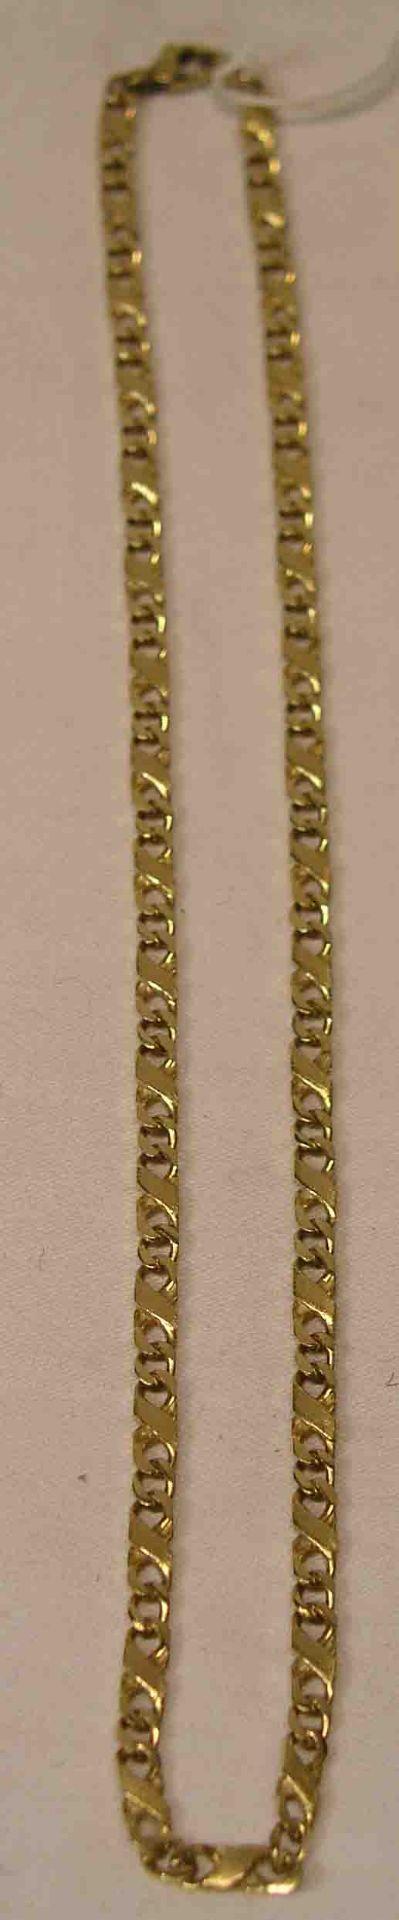 Halskette. 14 Kt. Gelbgold. Länge: